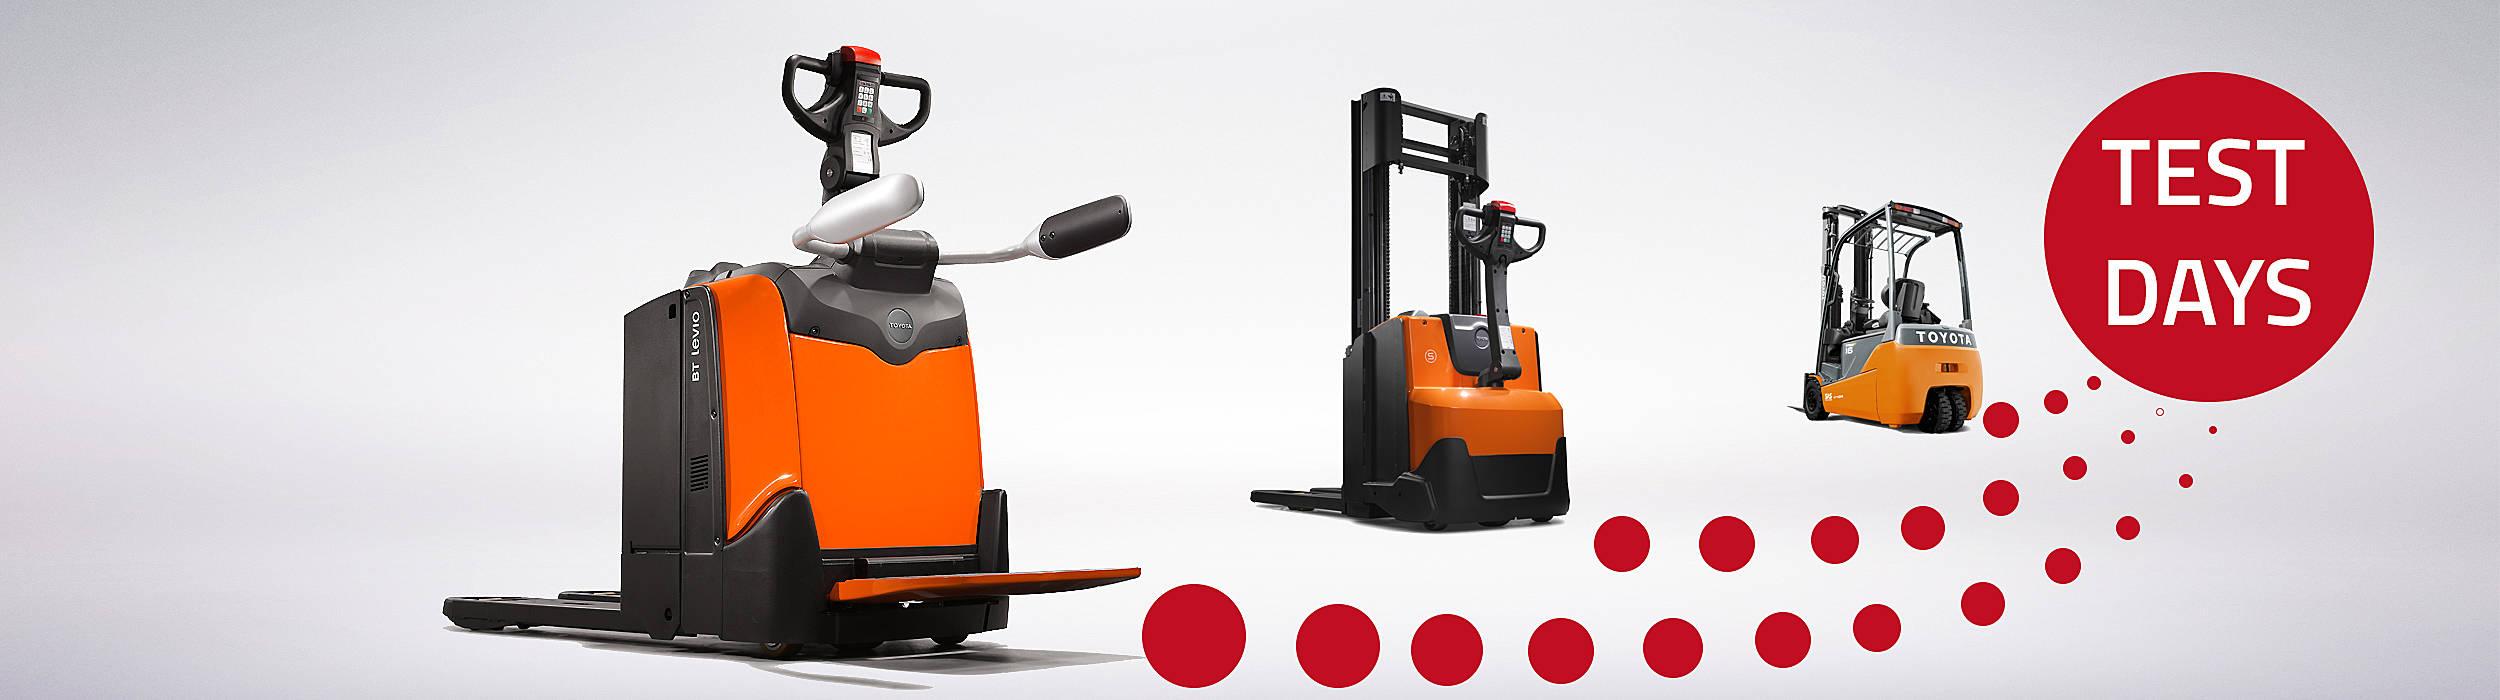 Dans le cadre des TEST DAYS 5 jours de Toyota Material Handling Suisse, vous pouvez choisir et tester la solution la plus adapté à vos besoins : nous vous  livrons et reprenons gratuitement la machine de manutention que vous avez choisi. Il n'y a aucun effort  pour vous !